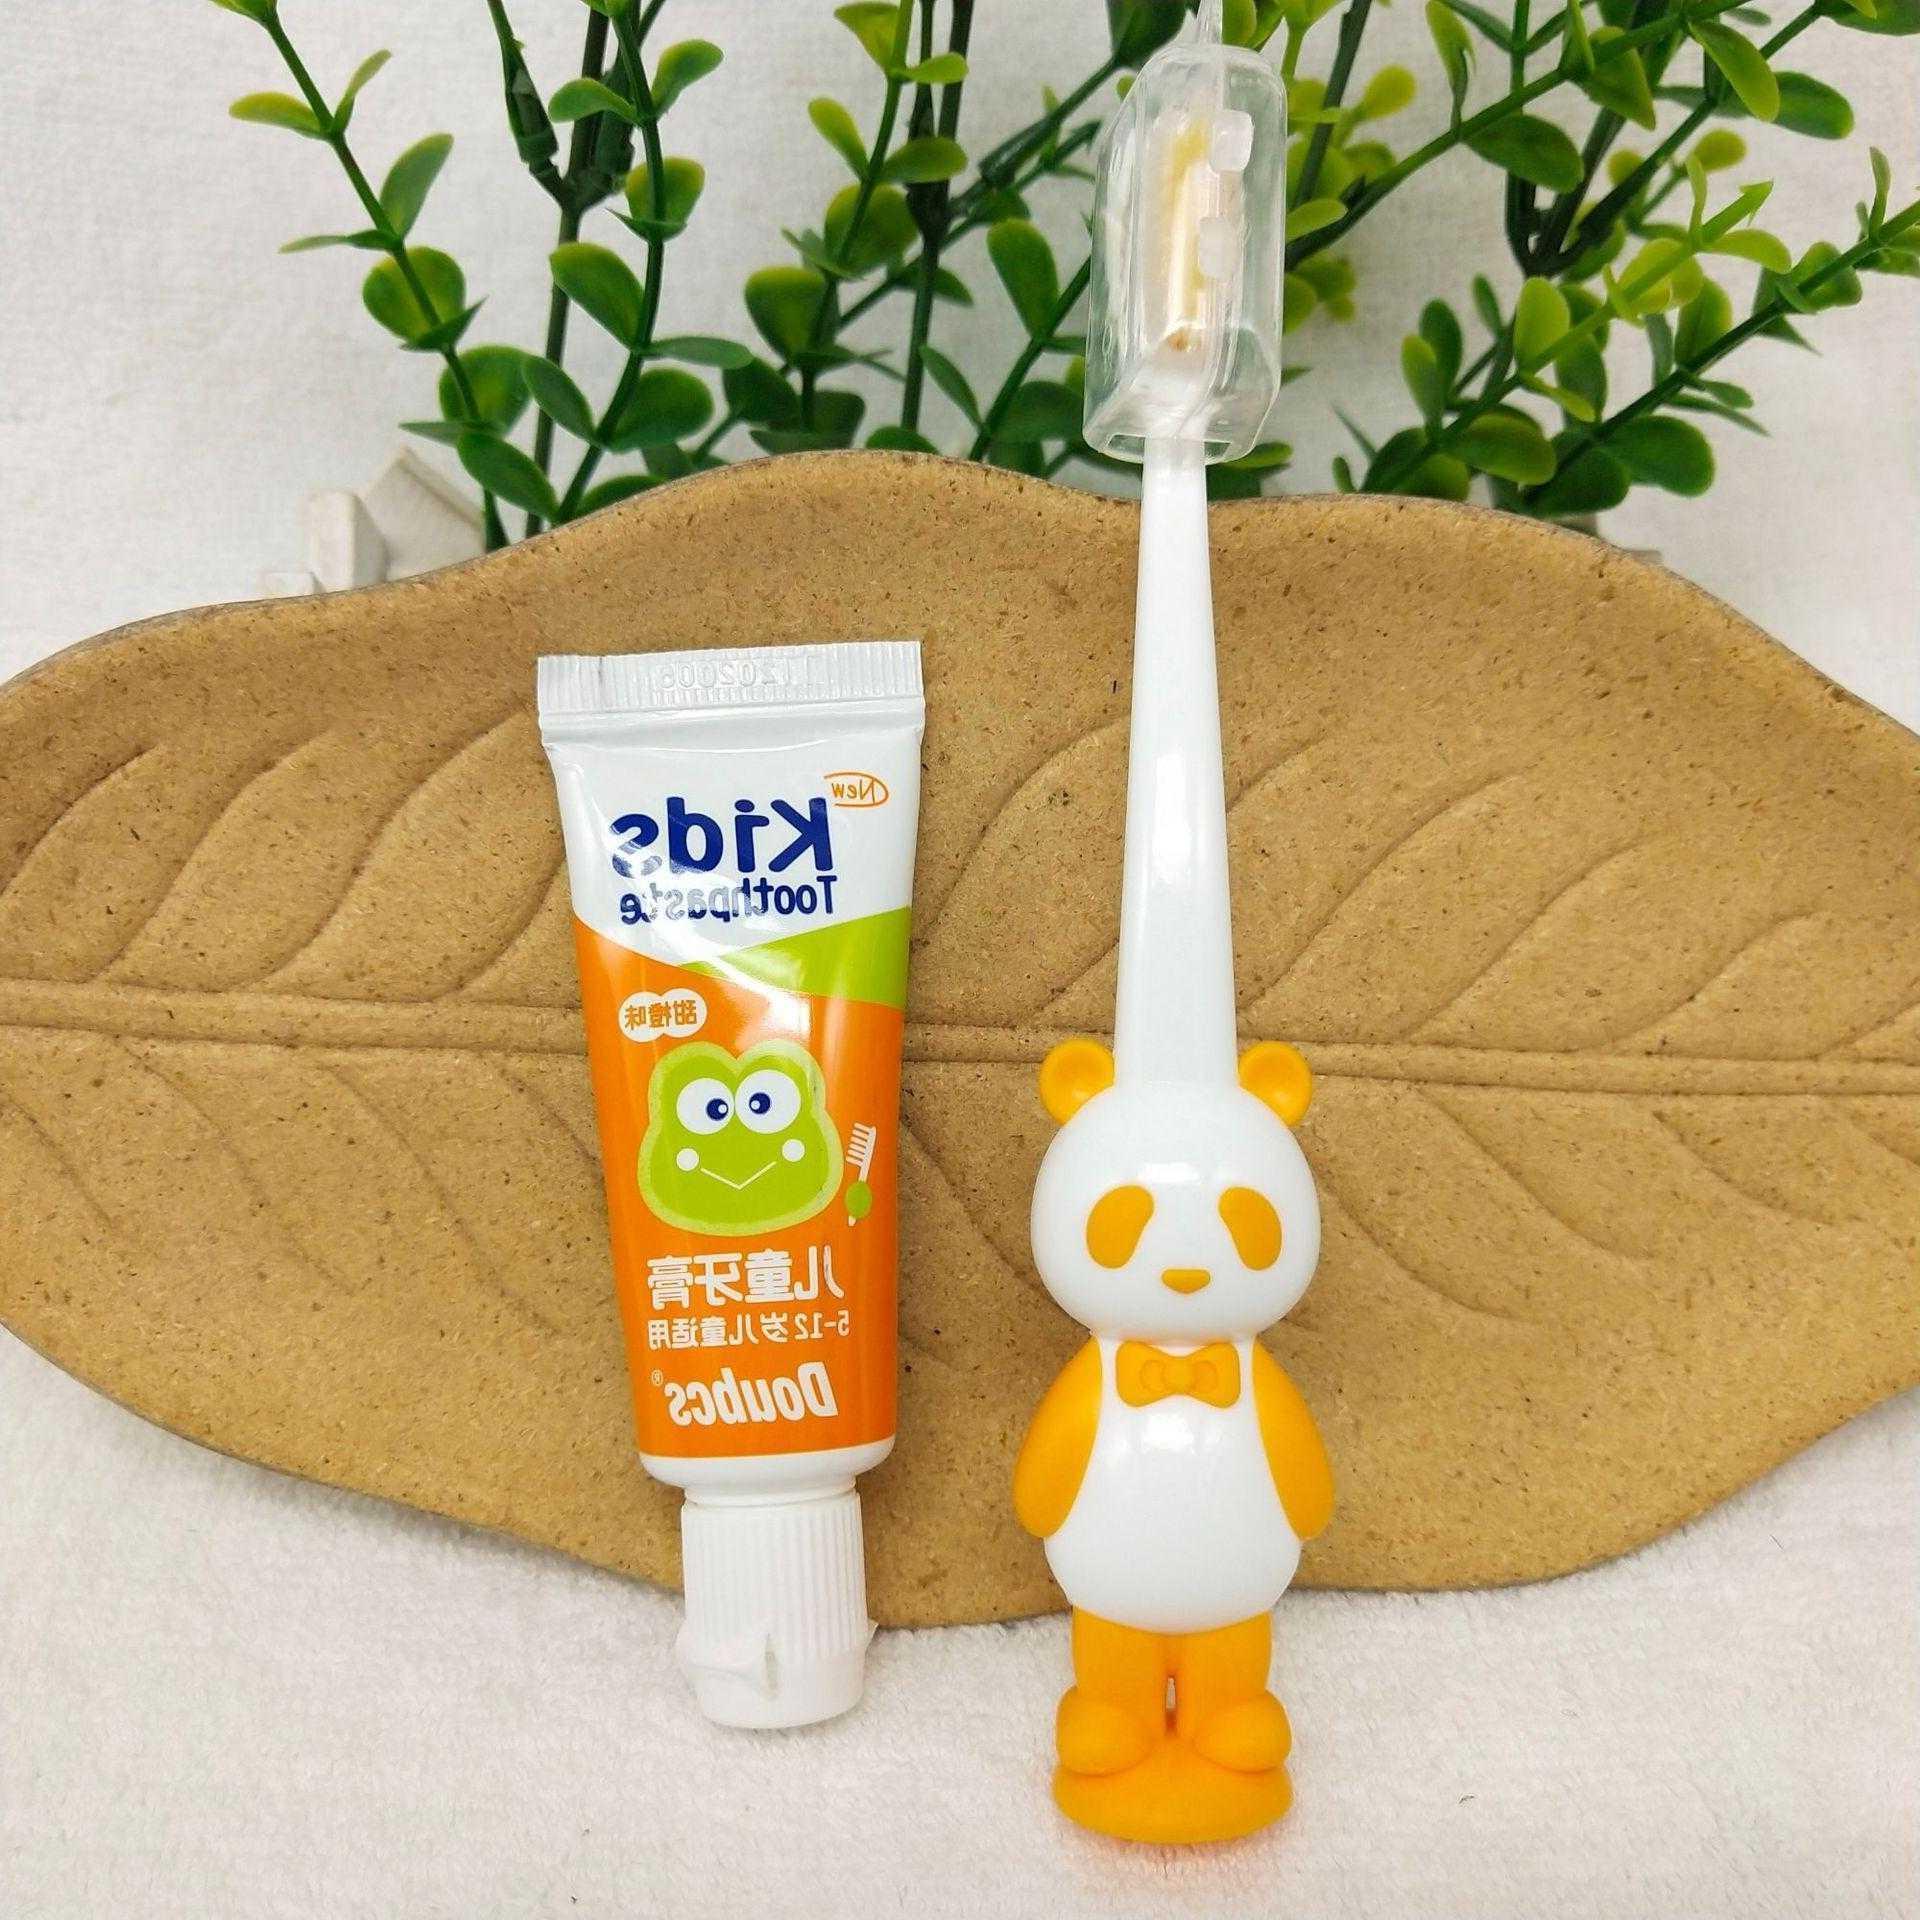 英国KIDS儿童旅行洗漱套装儿童旅游洗护专用酒店儿童洗发沐浴用品